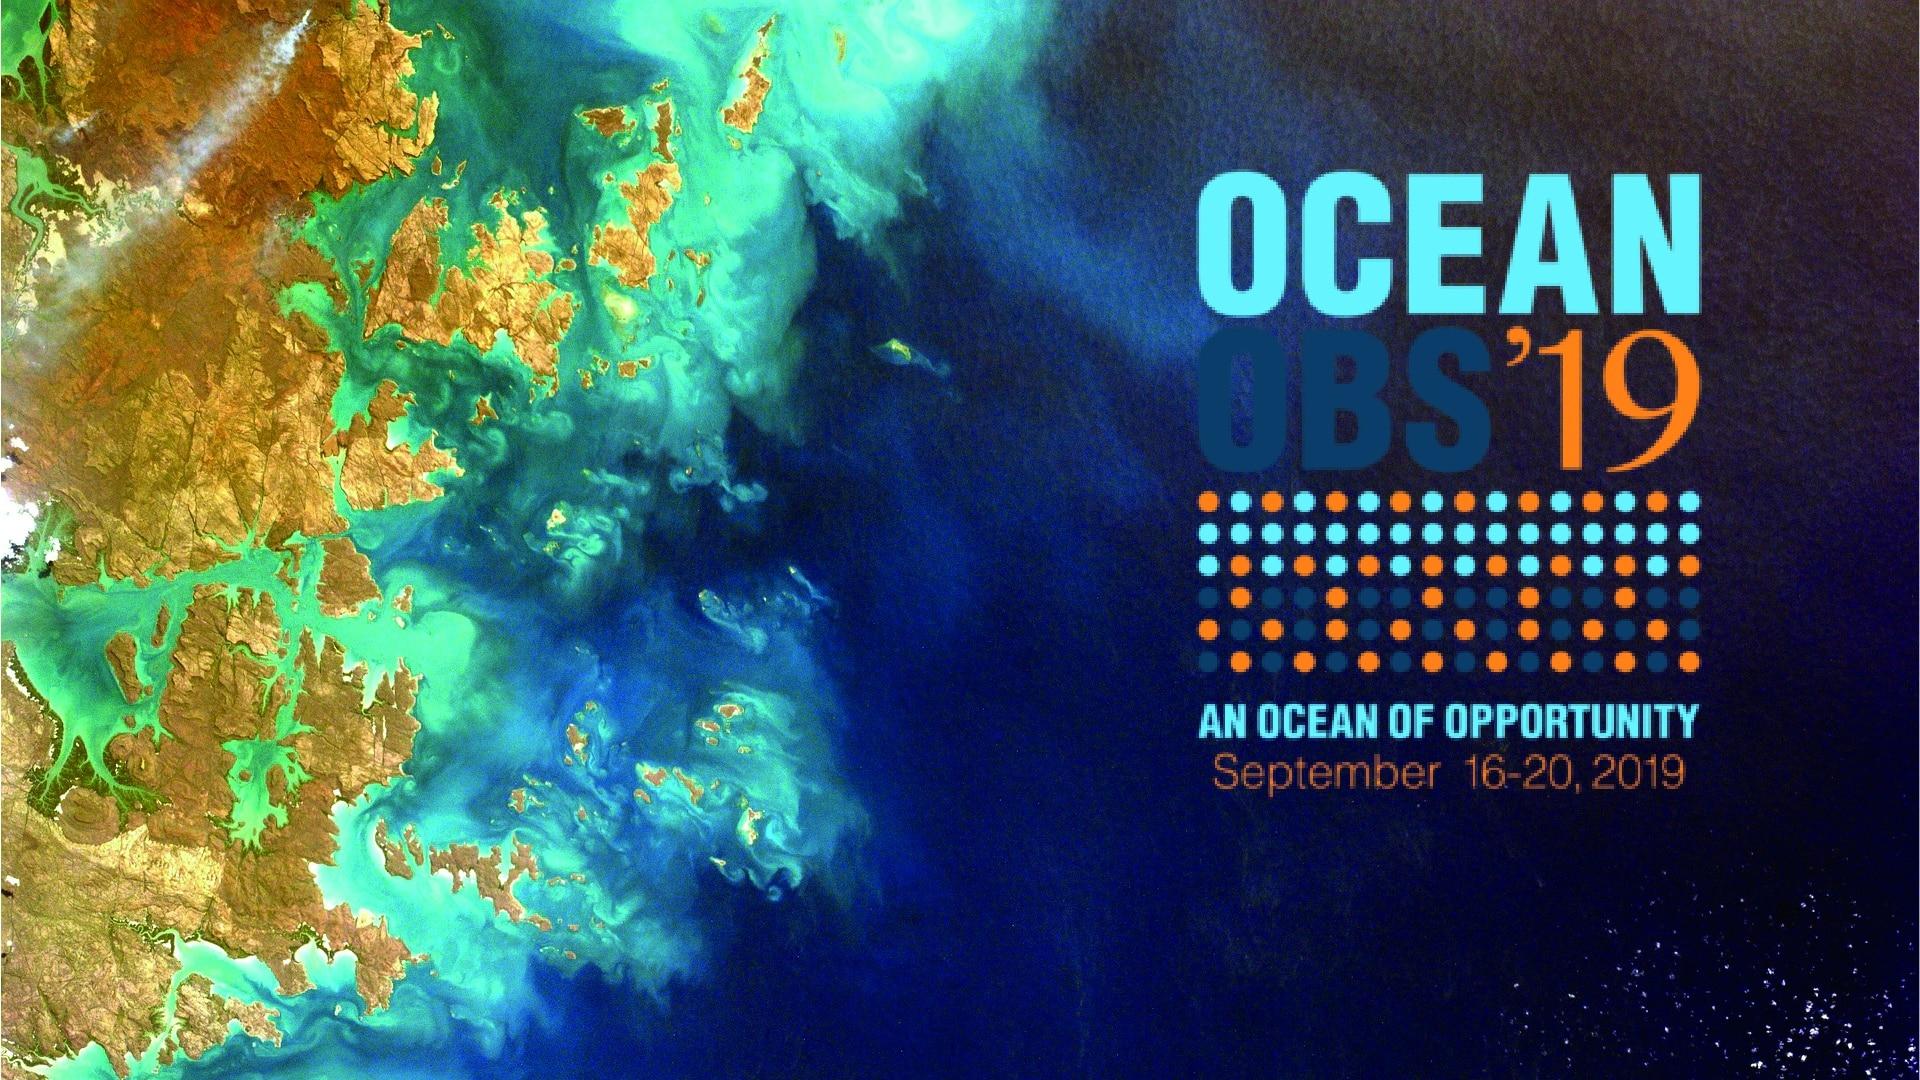 OceanObs'19